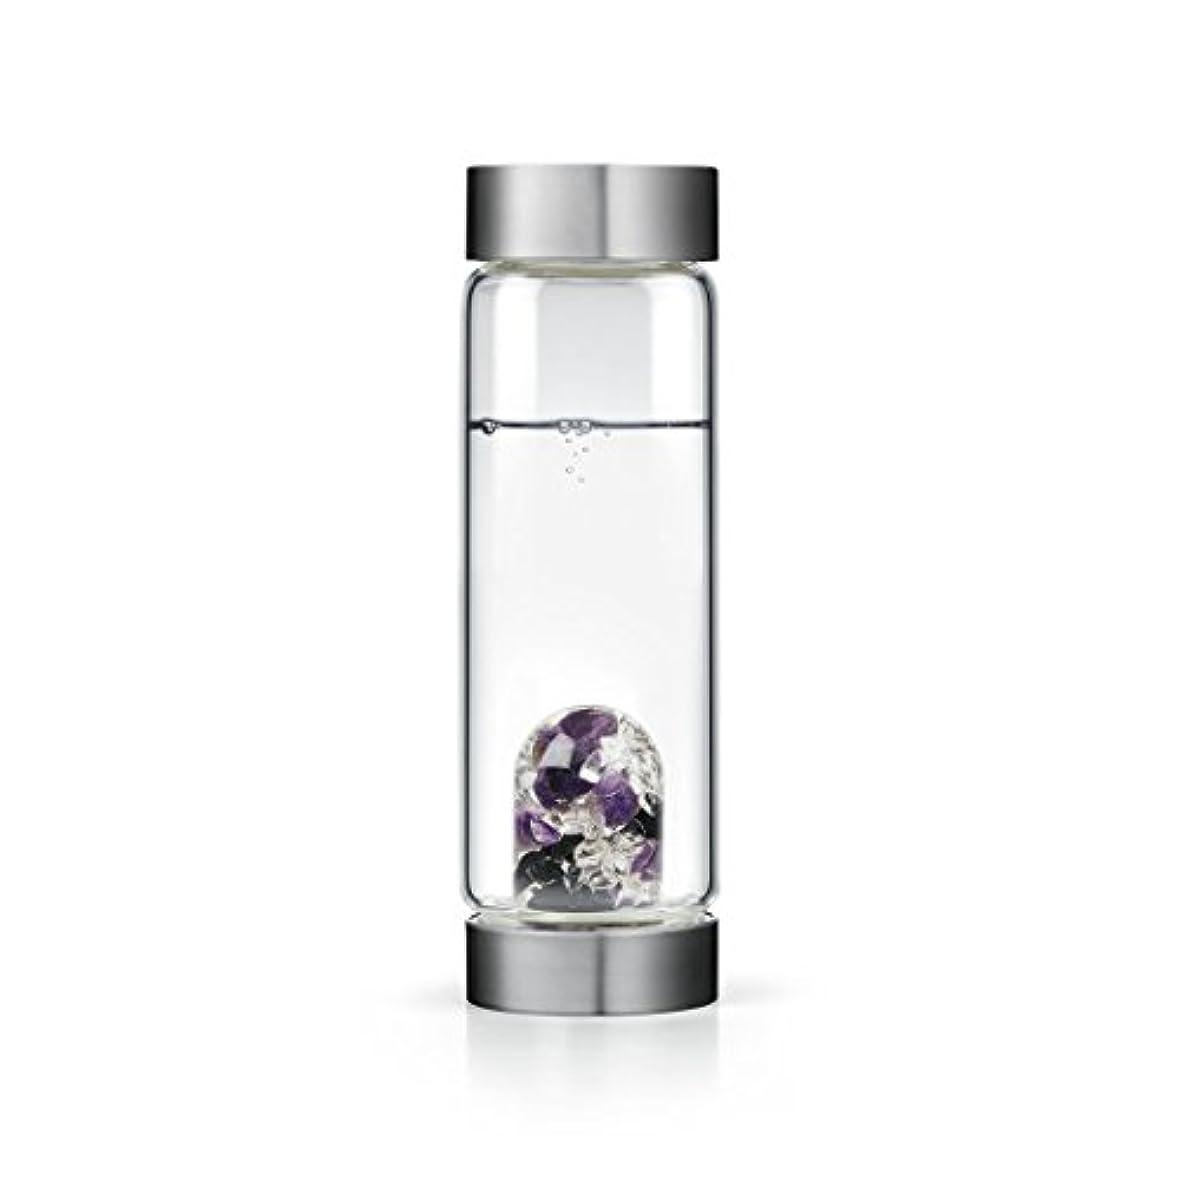 カンガルー灰不正Guardian gem-waterボトルby VitaJuwel W / Freeカリフォルニアホワイトセージバンドル 16.9 fl oz